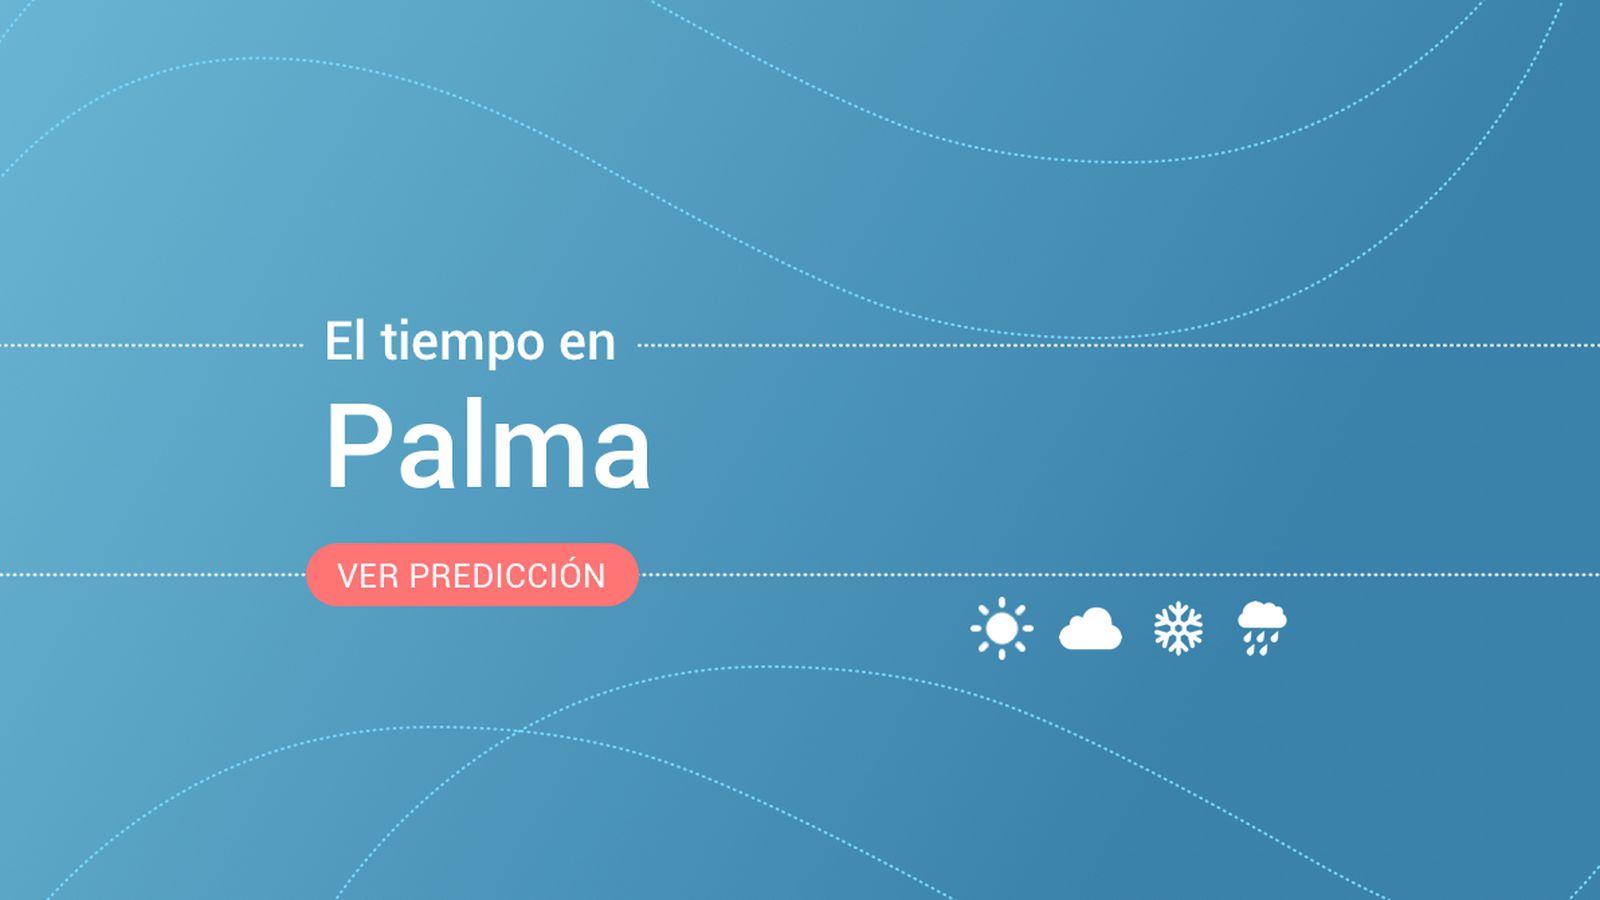 Foto: El tiempo en Palma. (EC)